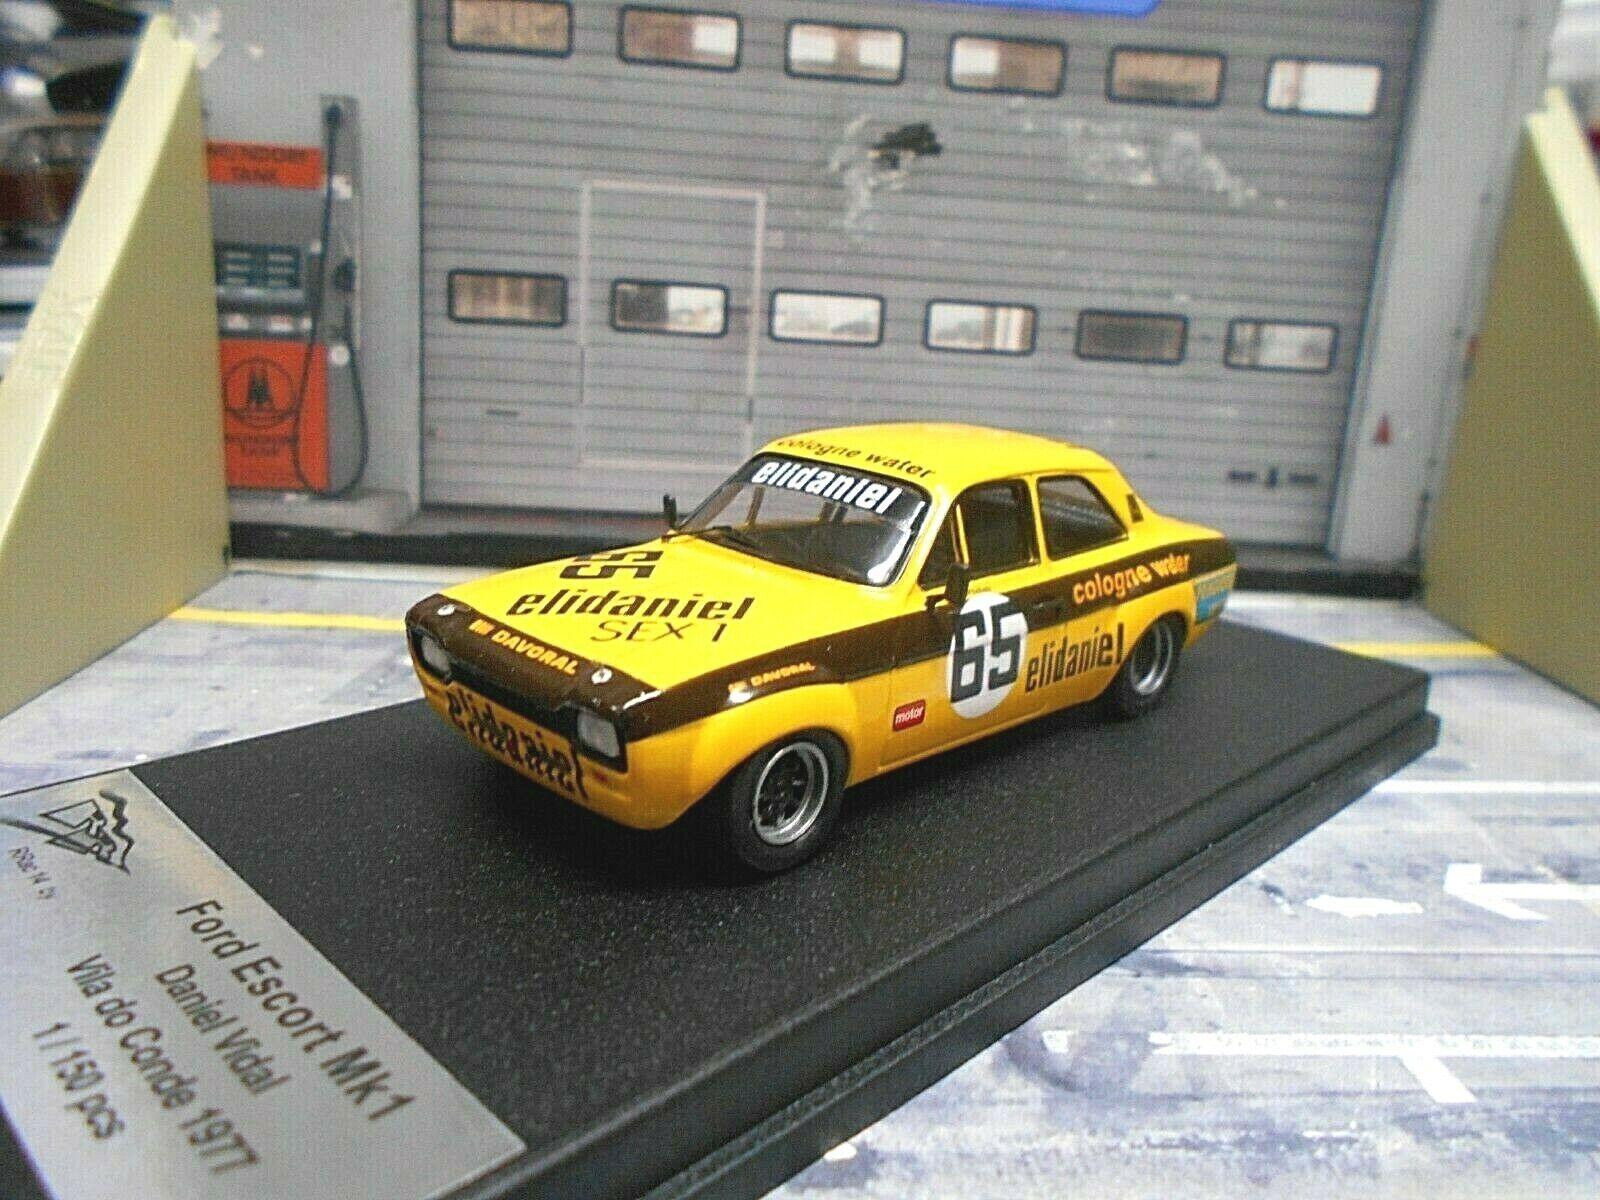 Ford Escort RS 1600 racing Vila do Conde 1977 Vidal eli Trofeu Scala 43 1 43